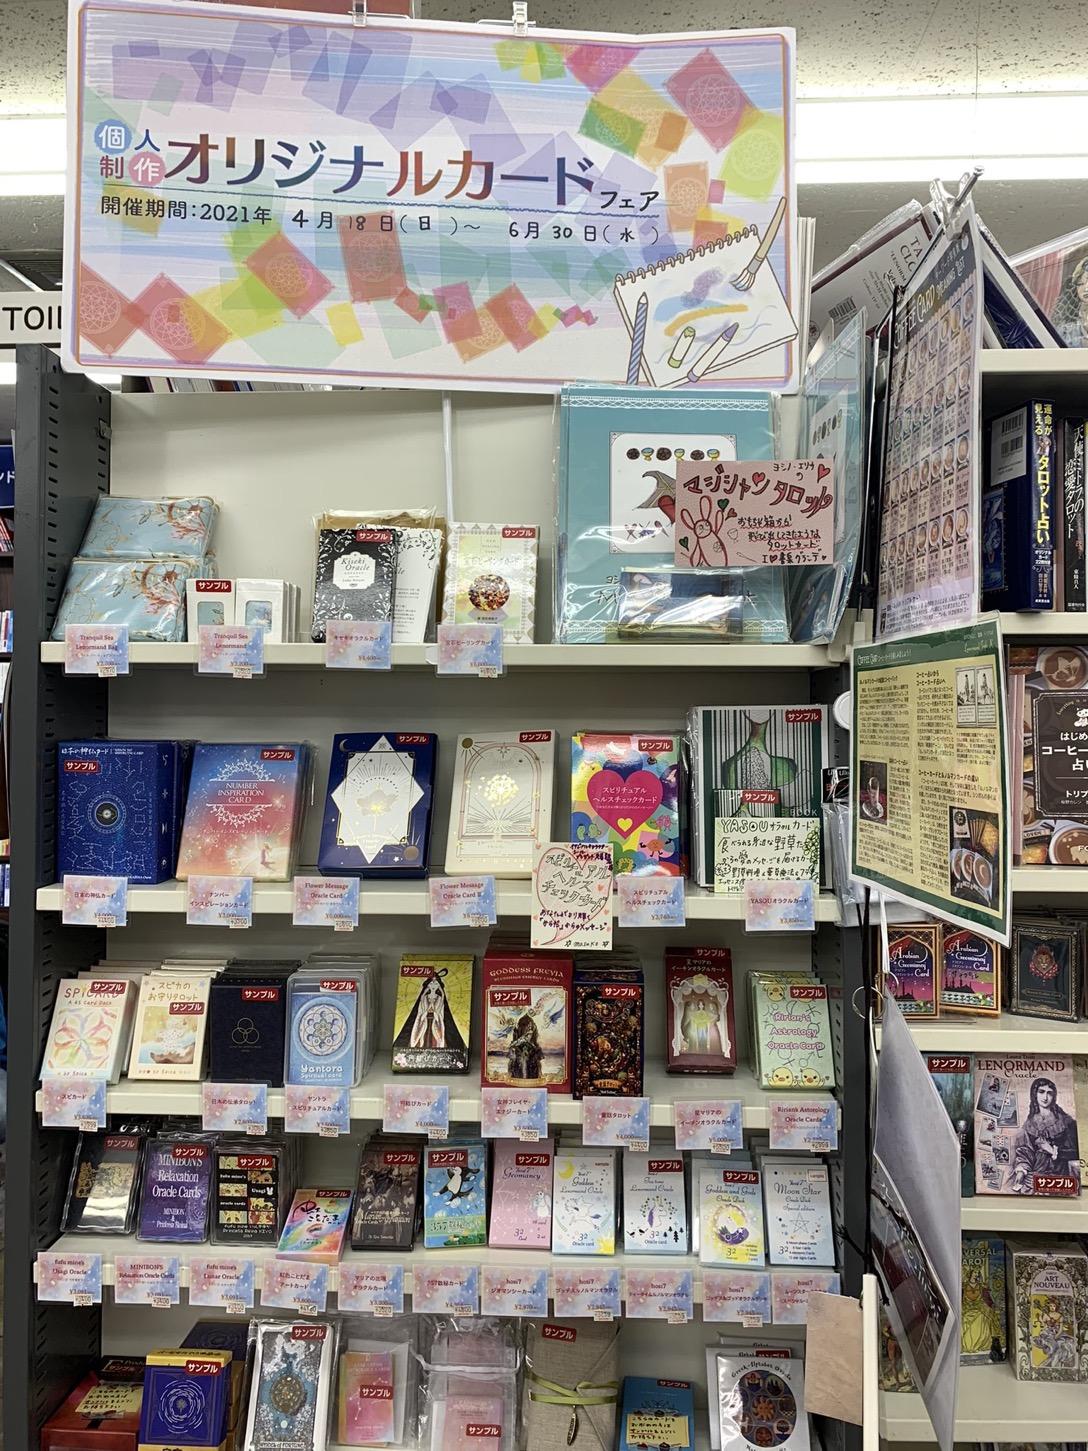 キセキオラクルカード、東京で購入できます!